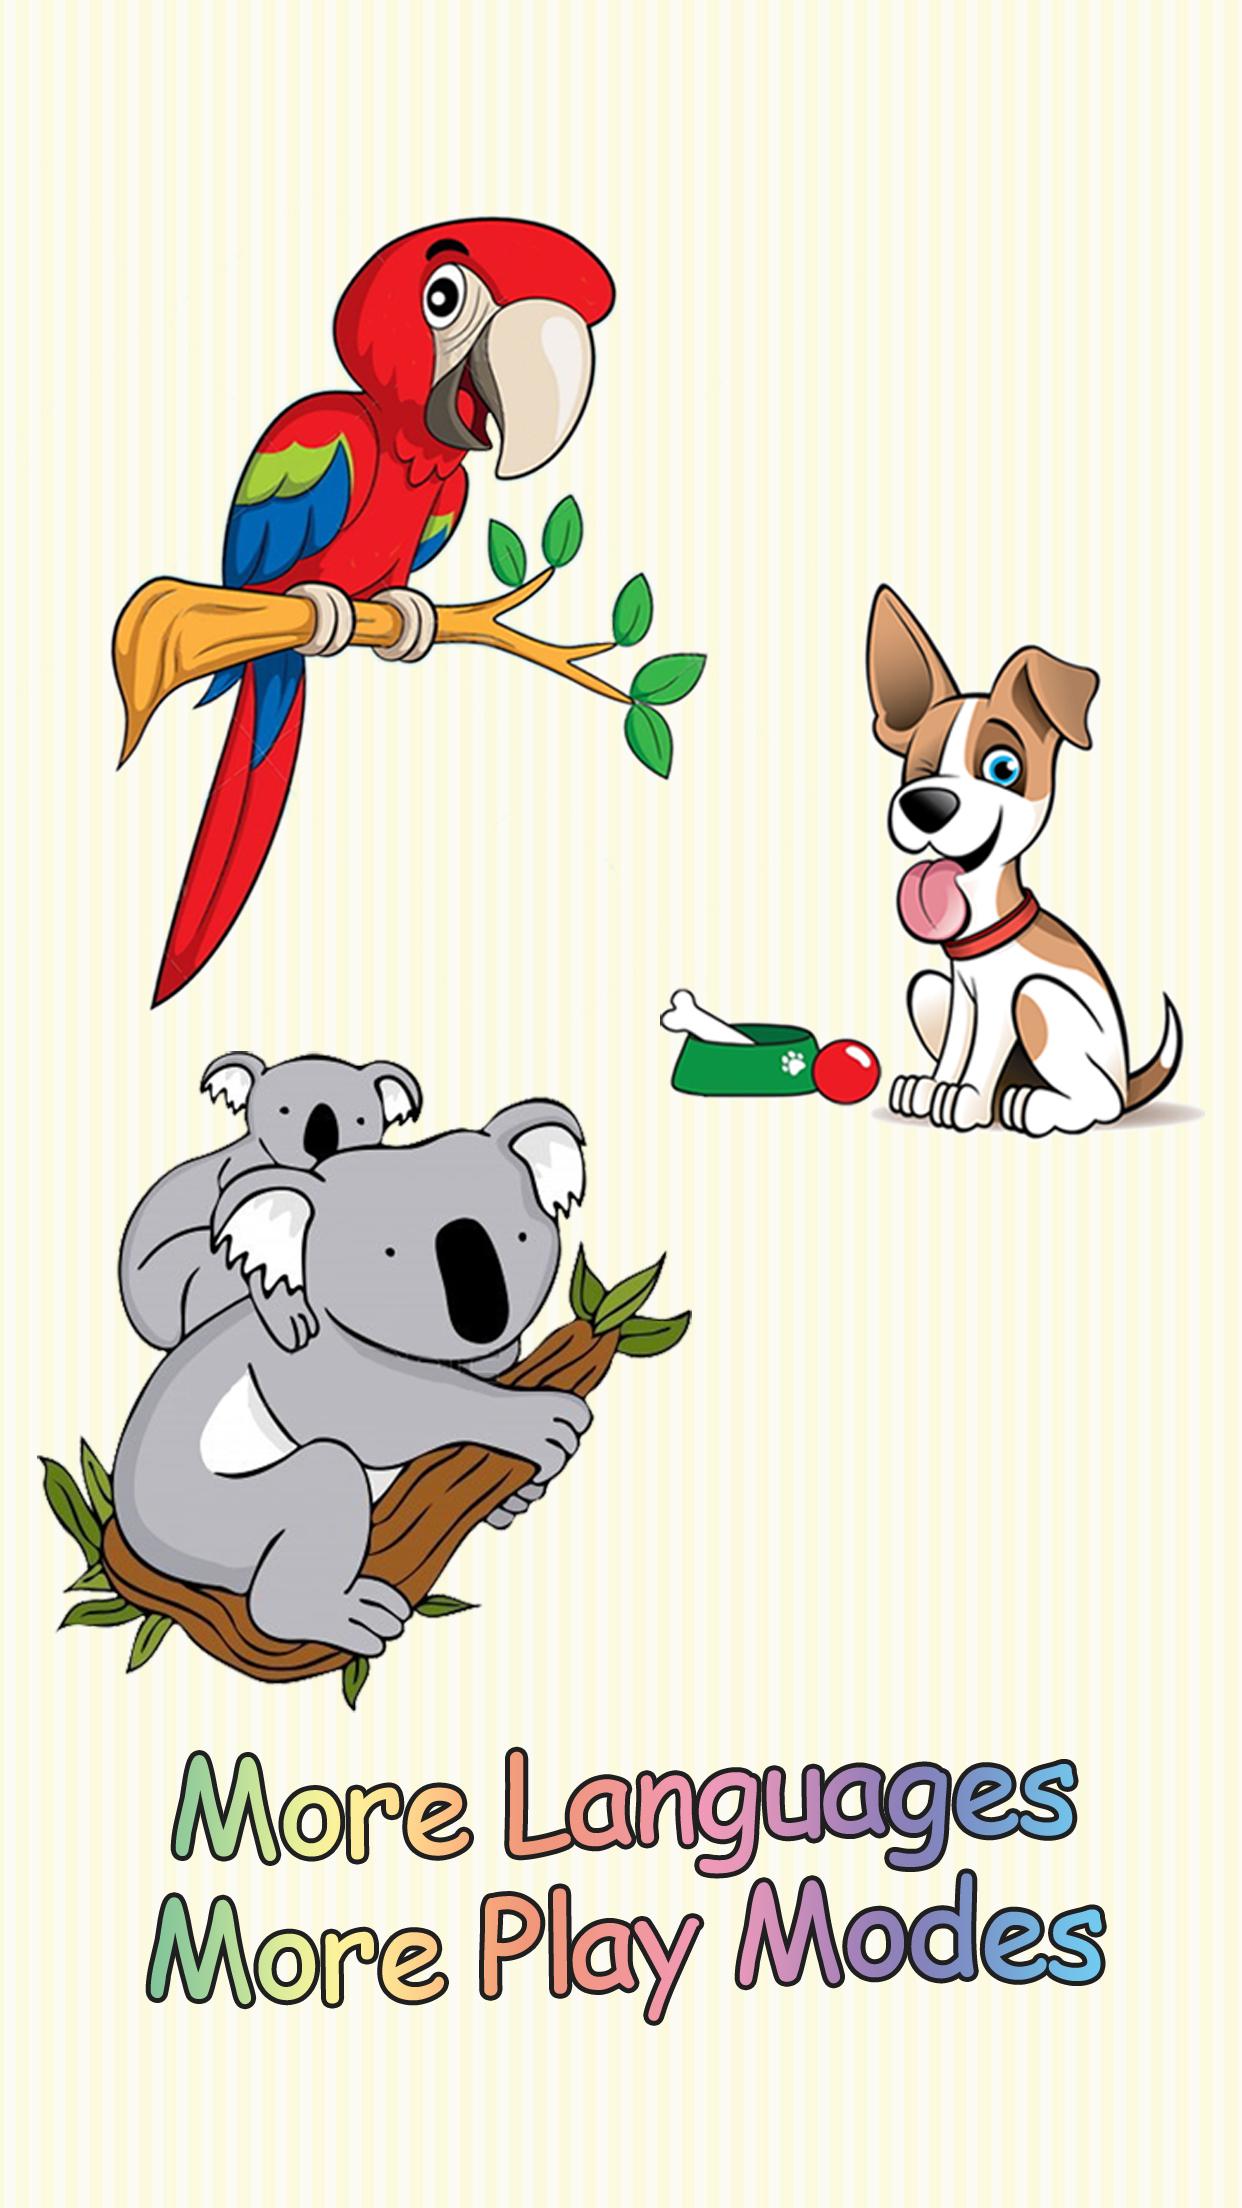 卡通动物这个卡片应用适合所有喜欢动物的小朋友玩。 1 这里有很多小朋友喜欢的小动物可爱的样子和他们的叫声. 2 每一张卡片的声音,都可以由家长和小朋友自己来录制.让你的卡片变得与众不同! 3 新版还增加了 听声音找动物 的小游戏.小朋友将在游戏中学到知识并且受到鼓励. 4 新版支持更多的语言,包括:英语,简体中文,繁体中文,西班牙文.